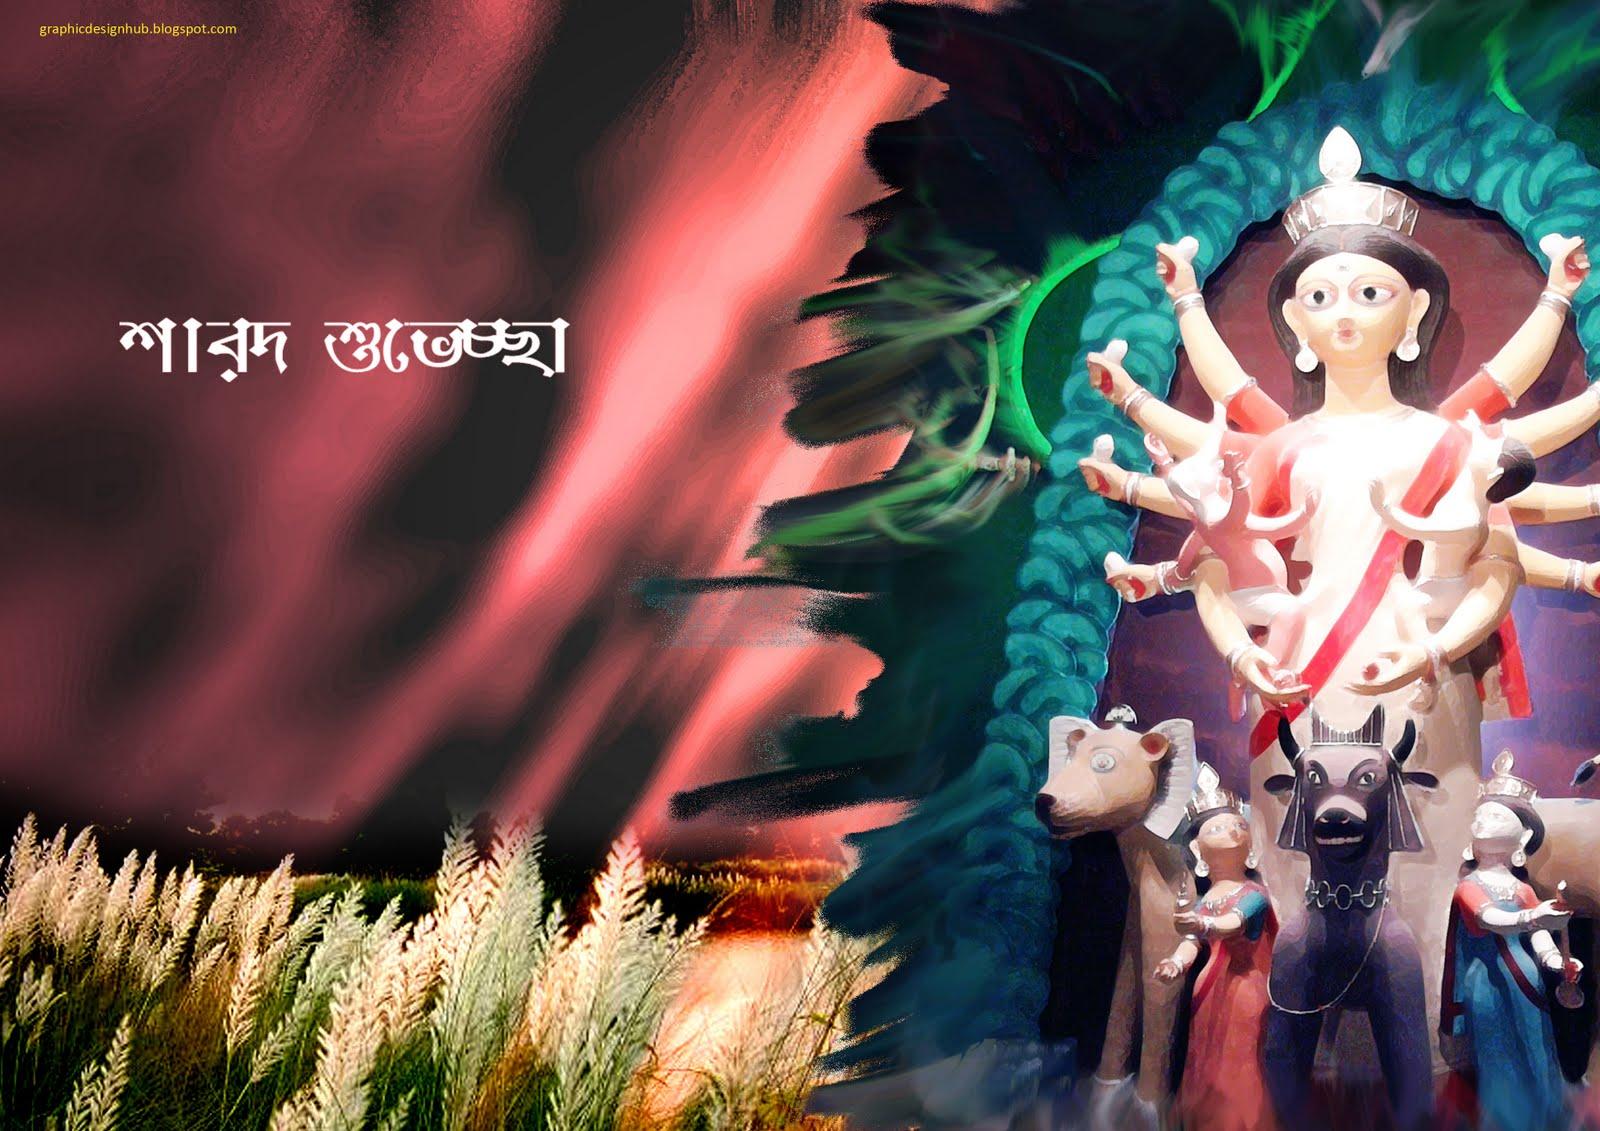 http://4.bp.blogspot.com/-4TJU7tS-WPY/Tnse-GTujTI/AAAAAAAAAVo/2jCnl5bkYAw/s1600/durga+puja+2011.jpg